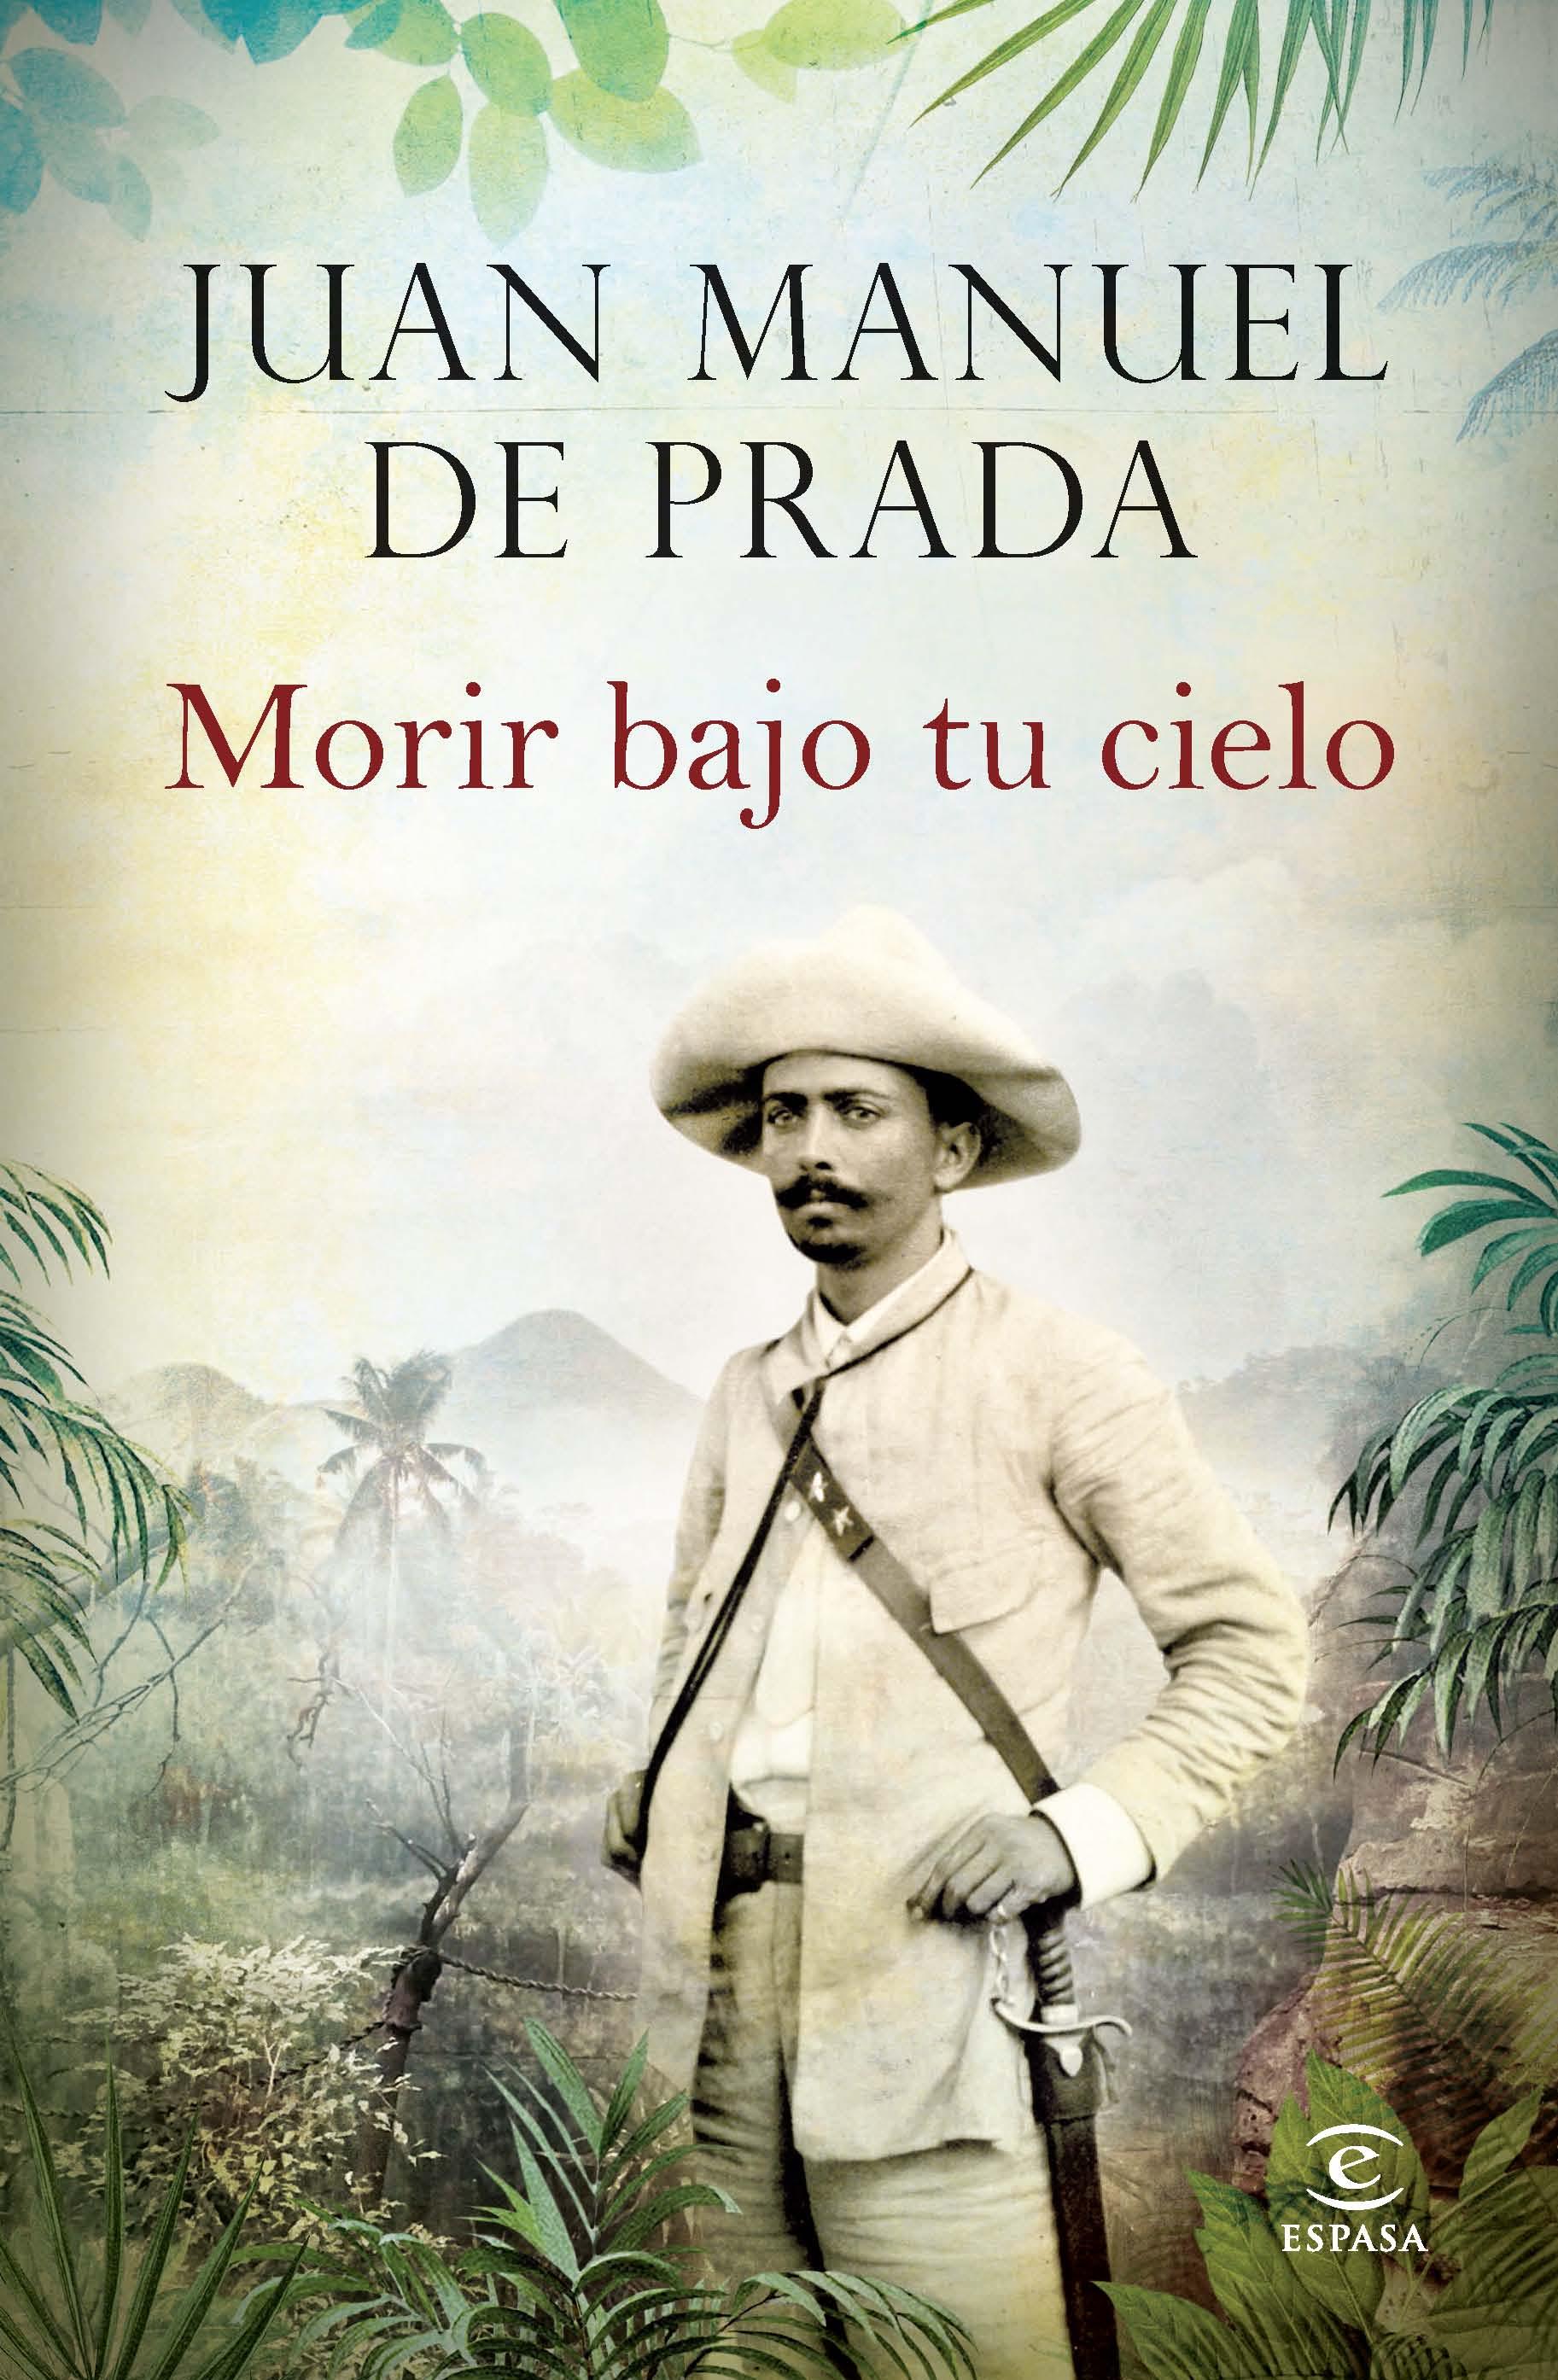 Morir bajo tu cielo de Juan Manuel de Prada